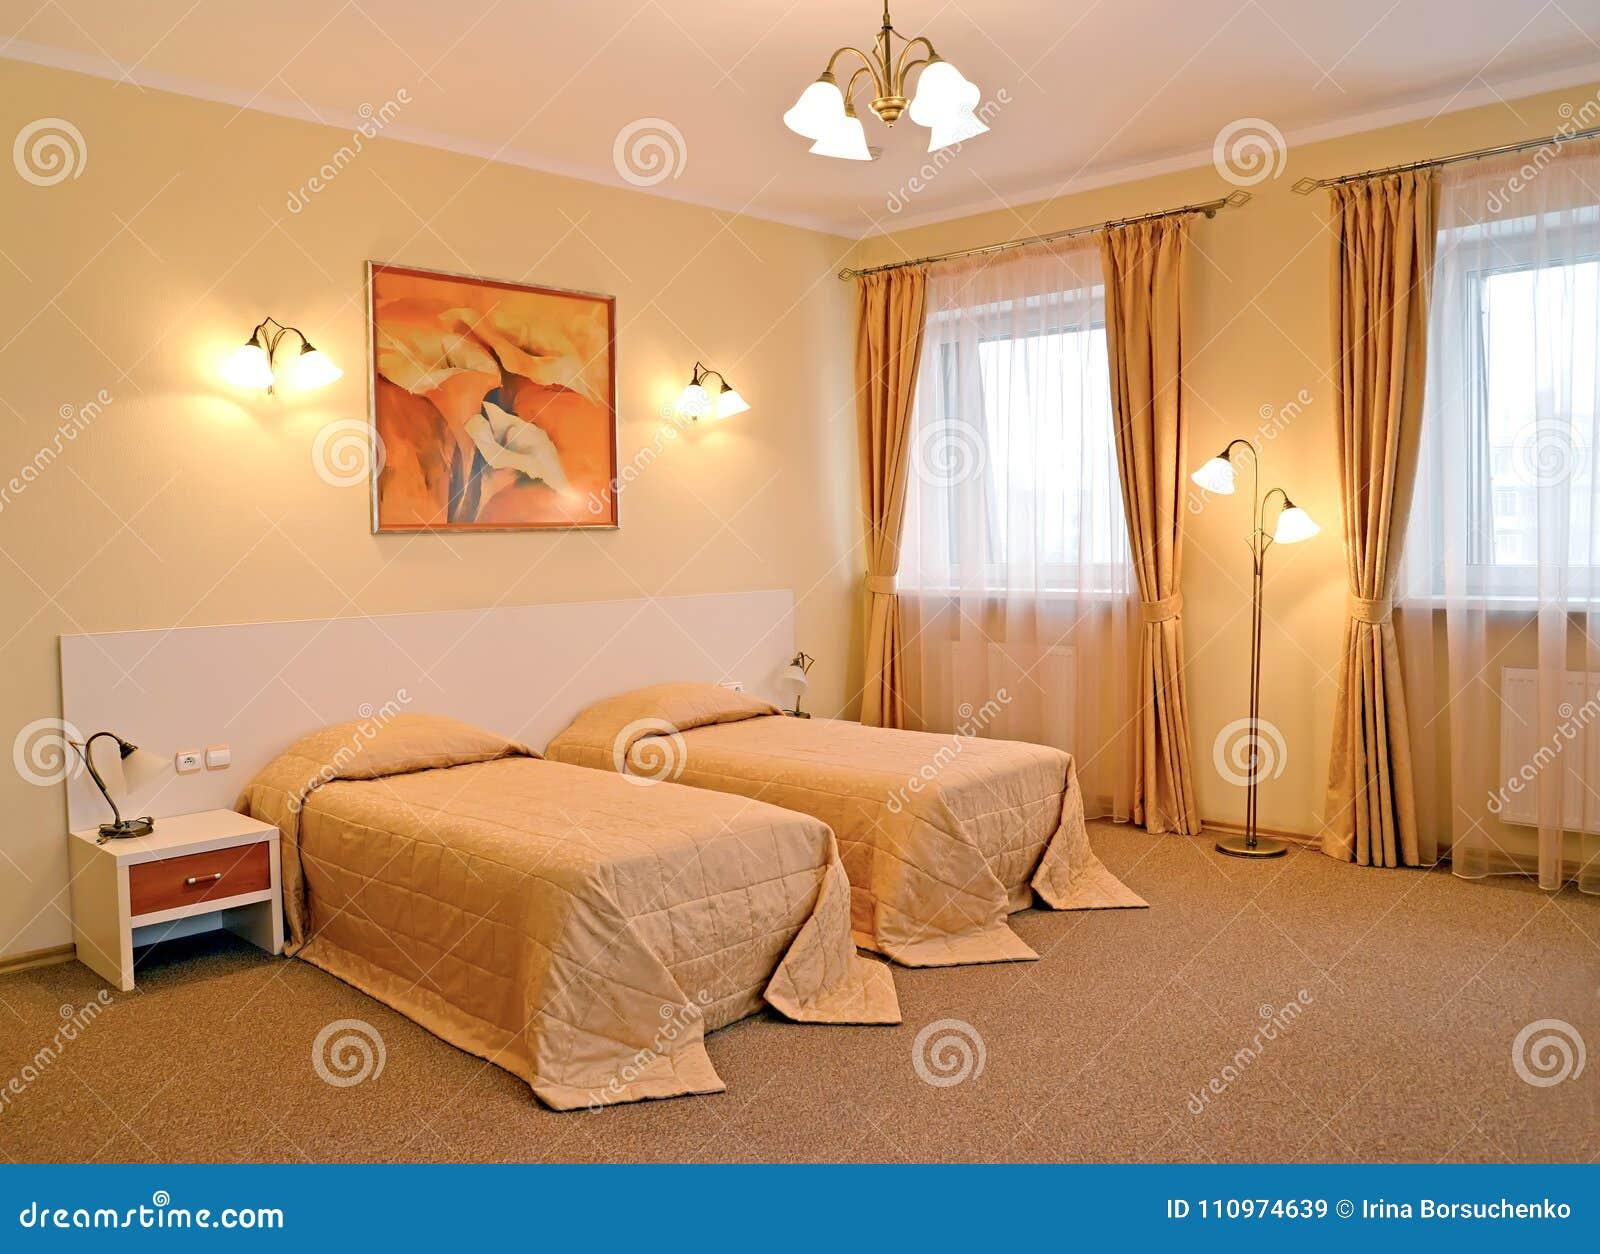 El Dormitorio Con La Cama Dos Obras Clásicas Modernas Imagen